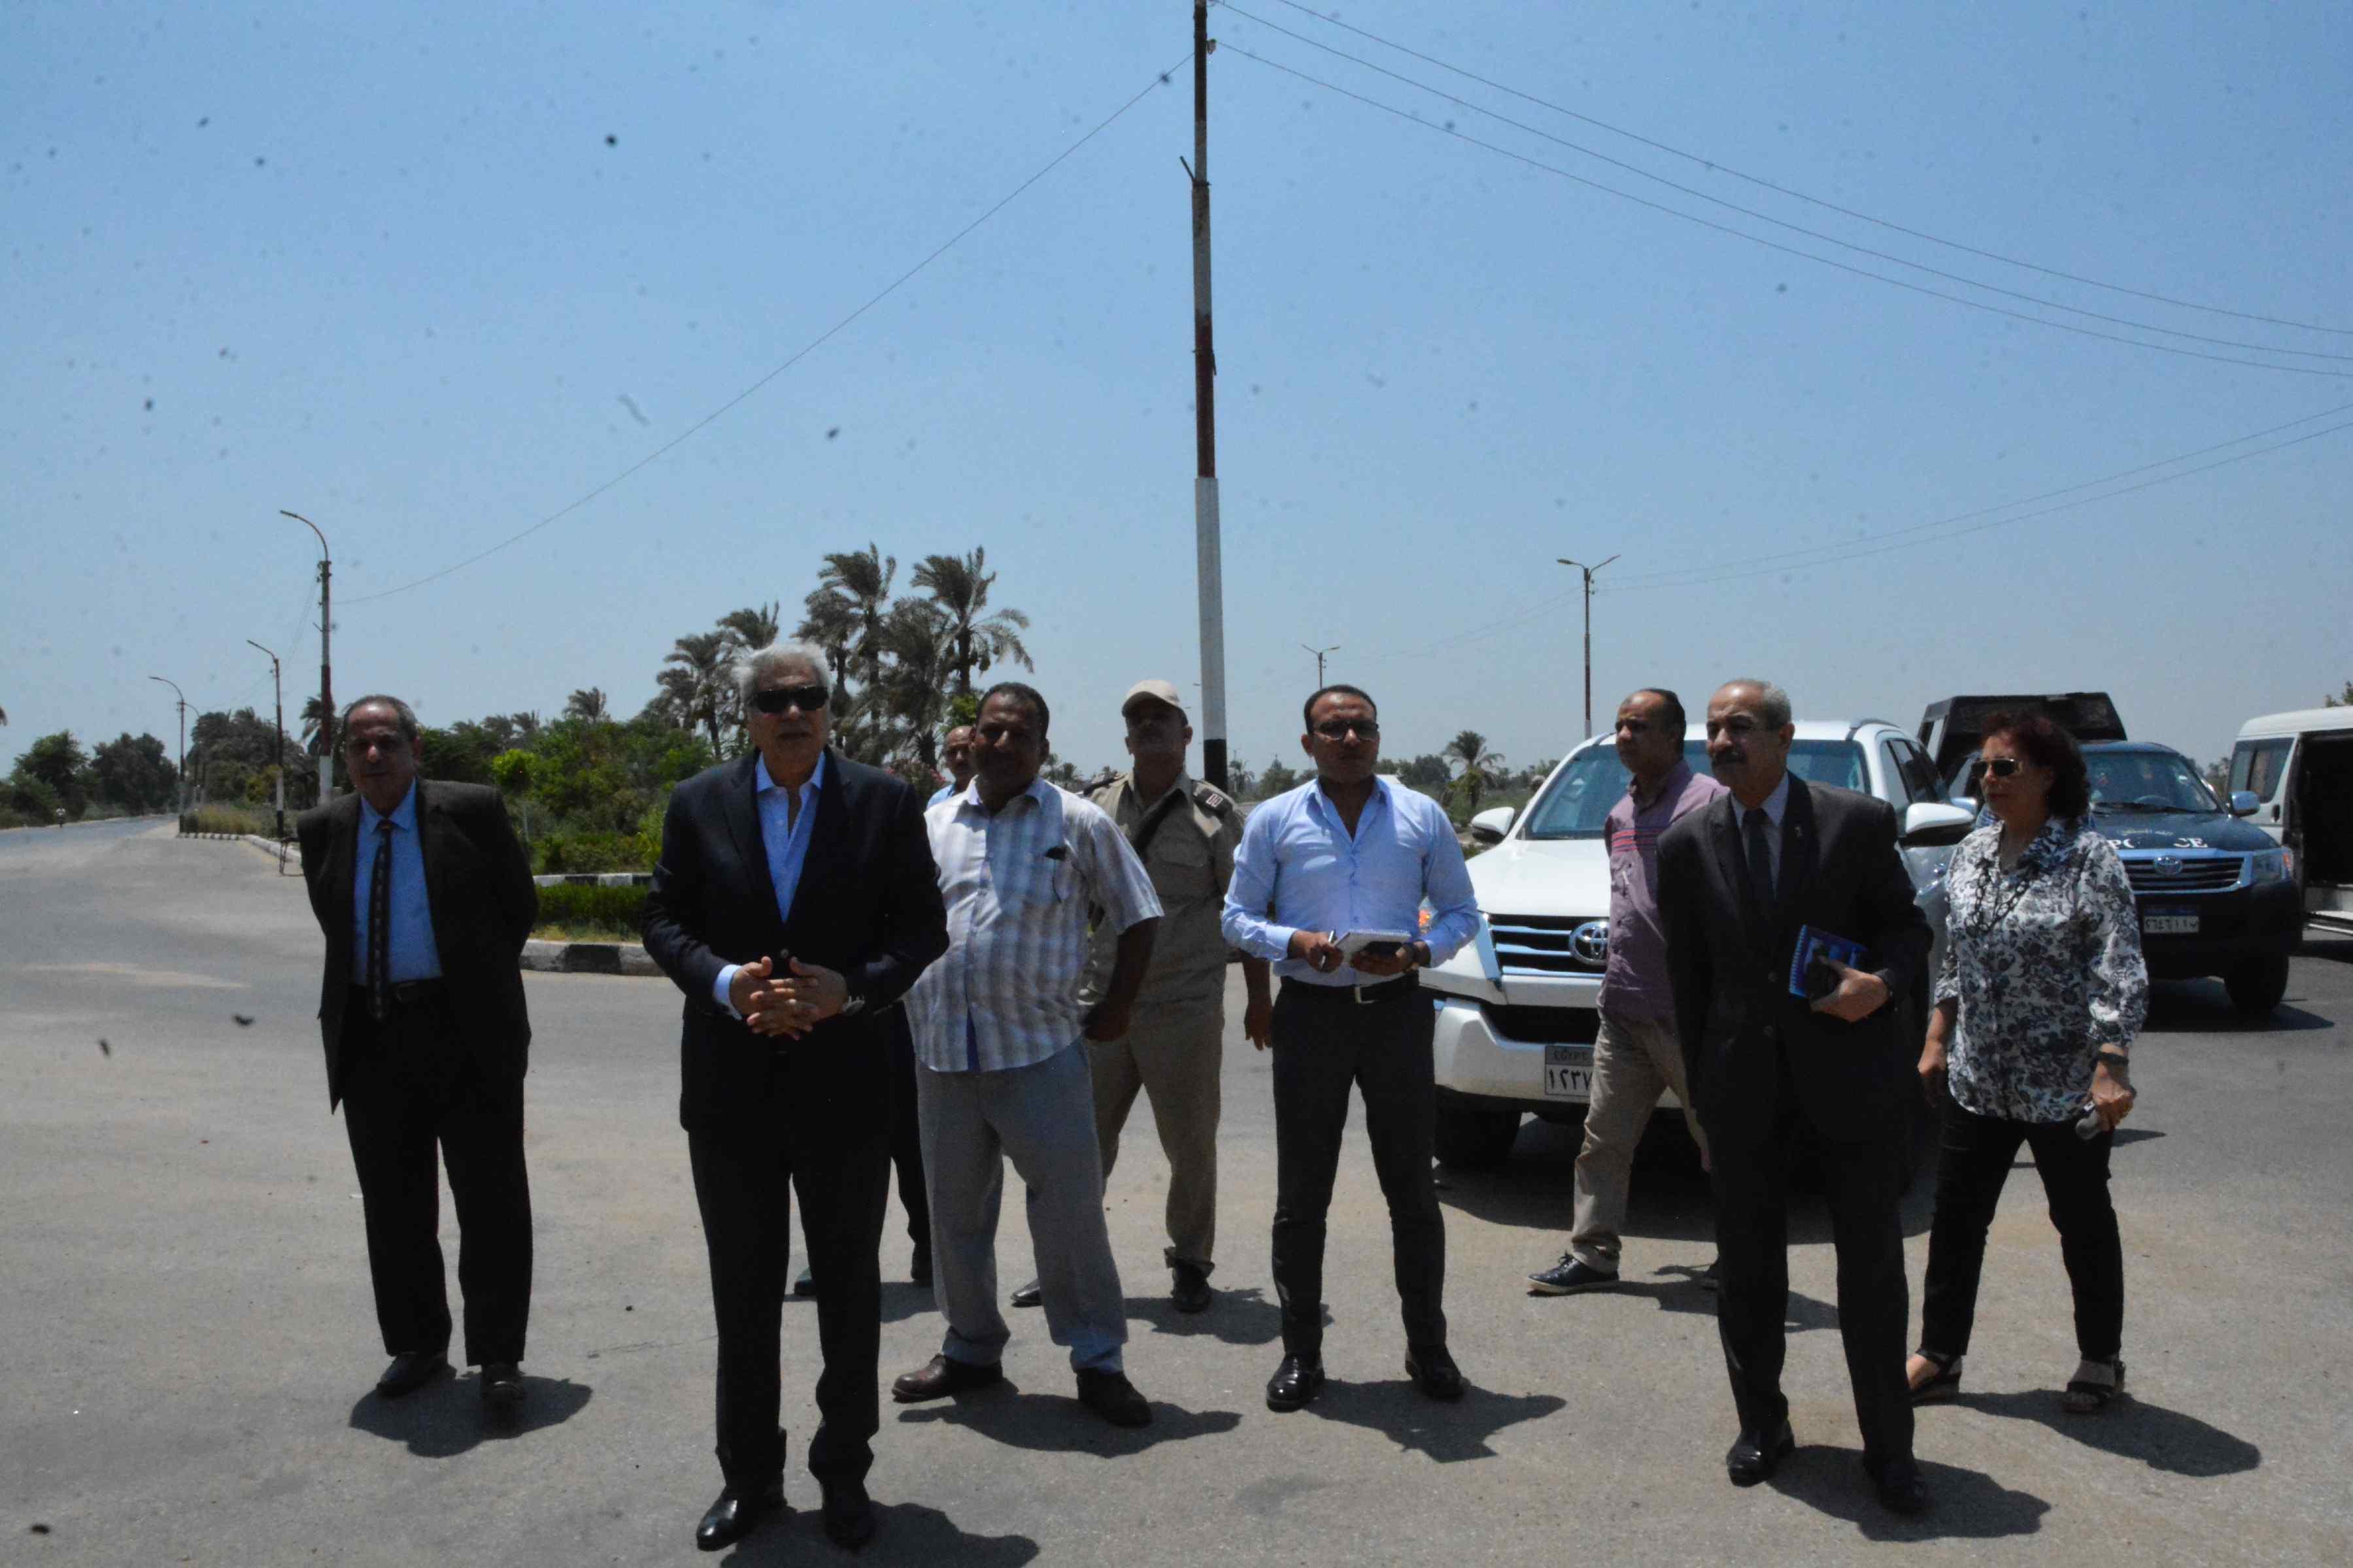 محافظ المنيا يوجه بإزالة فورية لتعد على حرم الطريق (3)